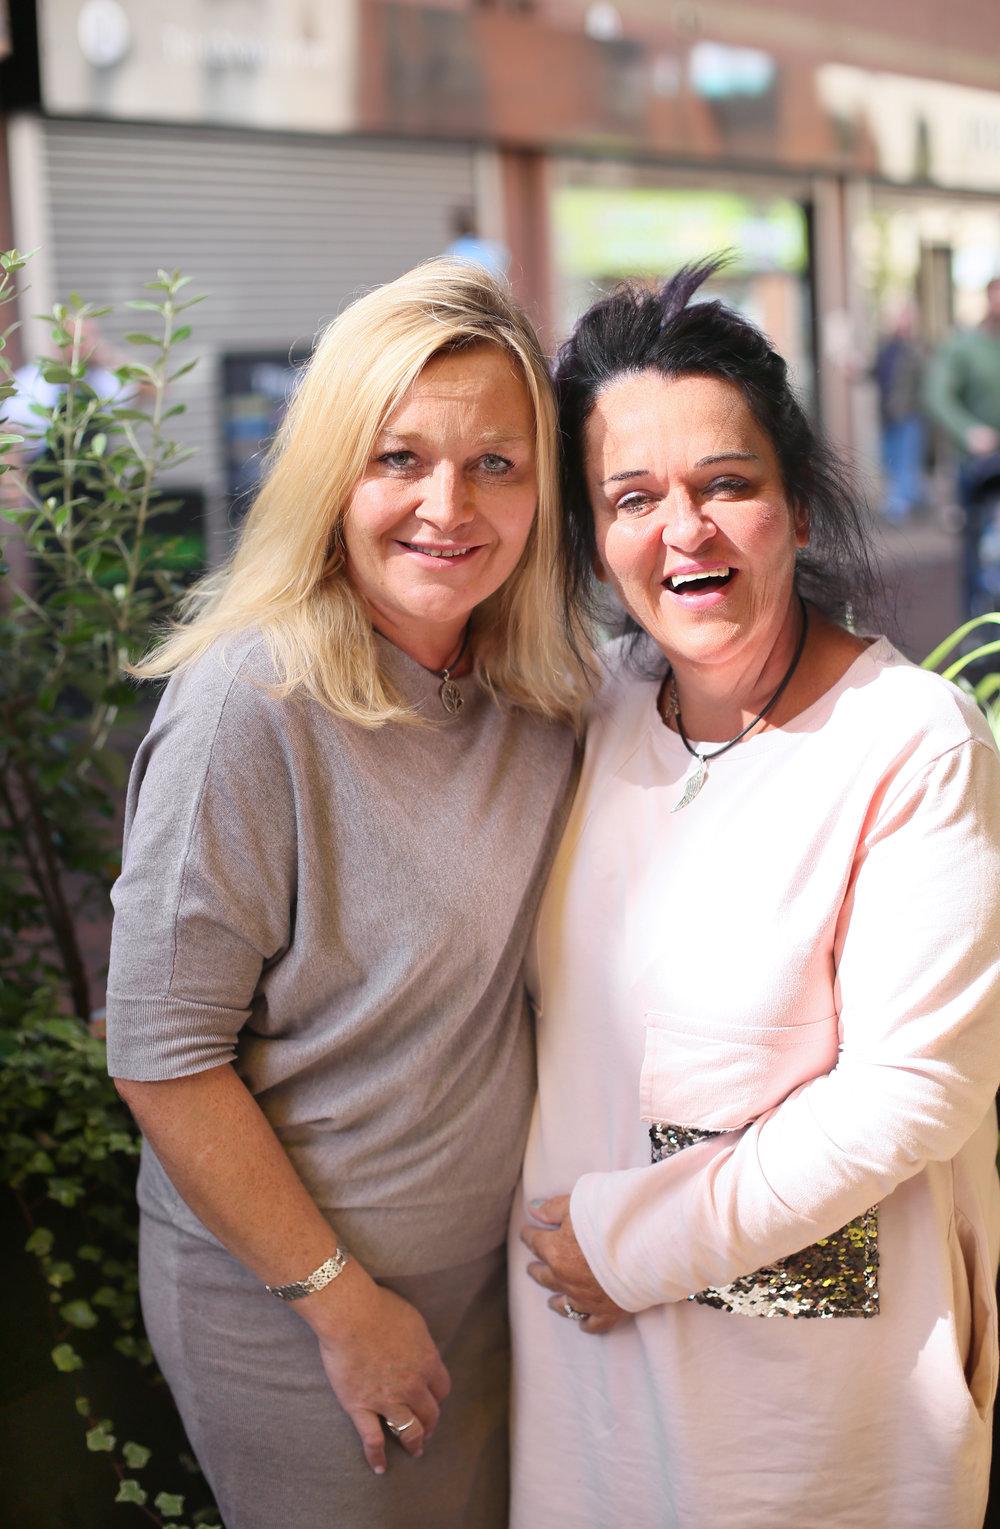 Brenda and Sophia